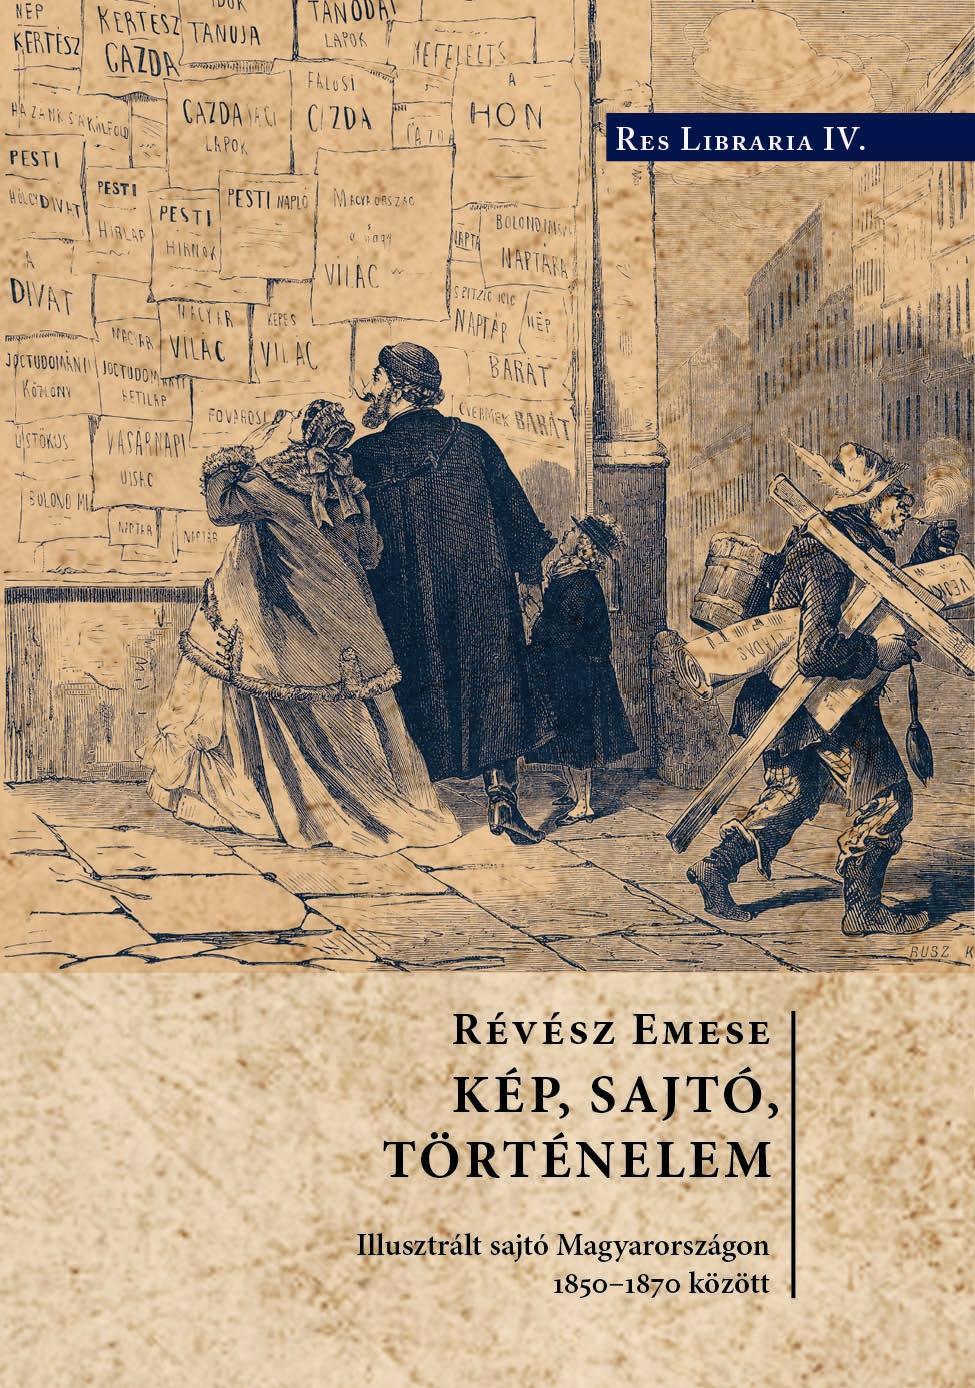 KÉP, SAJTÓ TÖRTÉNELEM - ILLUSZTRÁLT SAJTÓ MAGYARORSZÁGON 1850-1870 KÖZÖTT